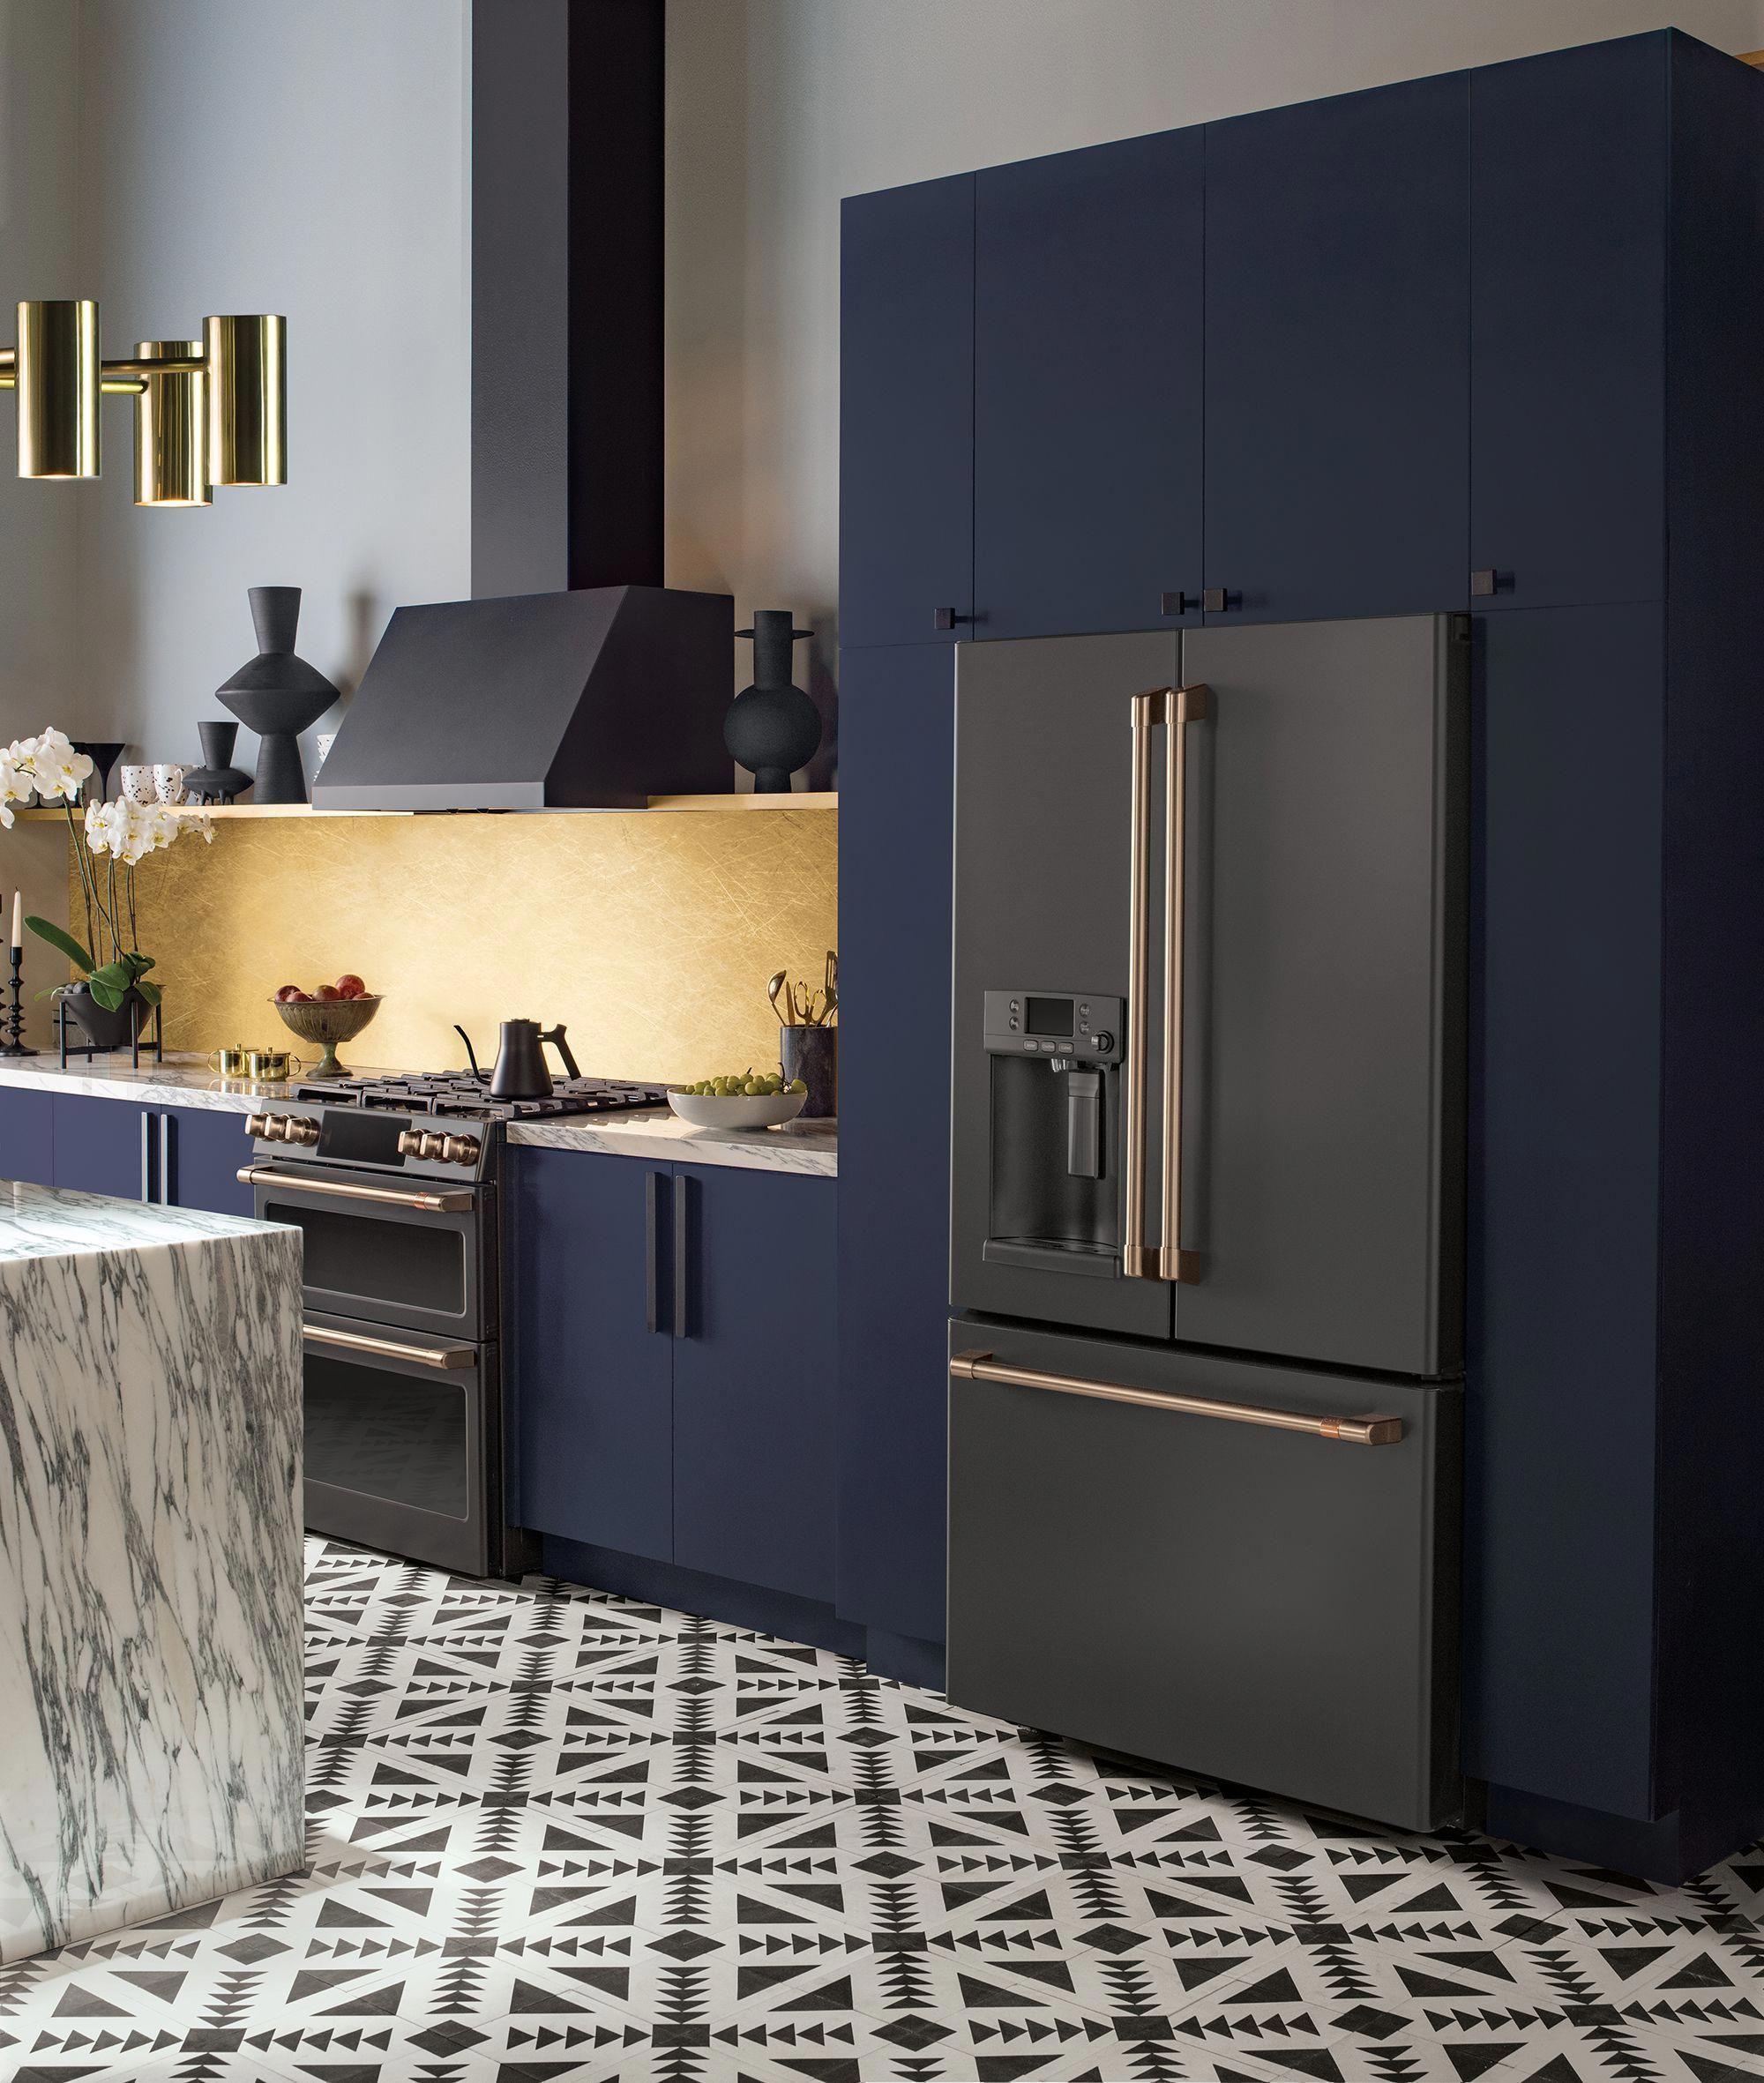 Stylish Cooking That Performs In 2020 Kitchen Appliances Luxury Modern Kitchen Design Home Decor Kitchen